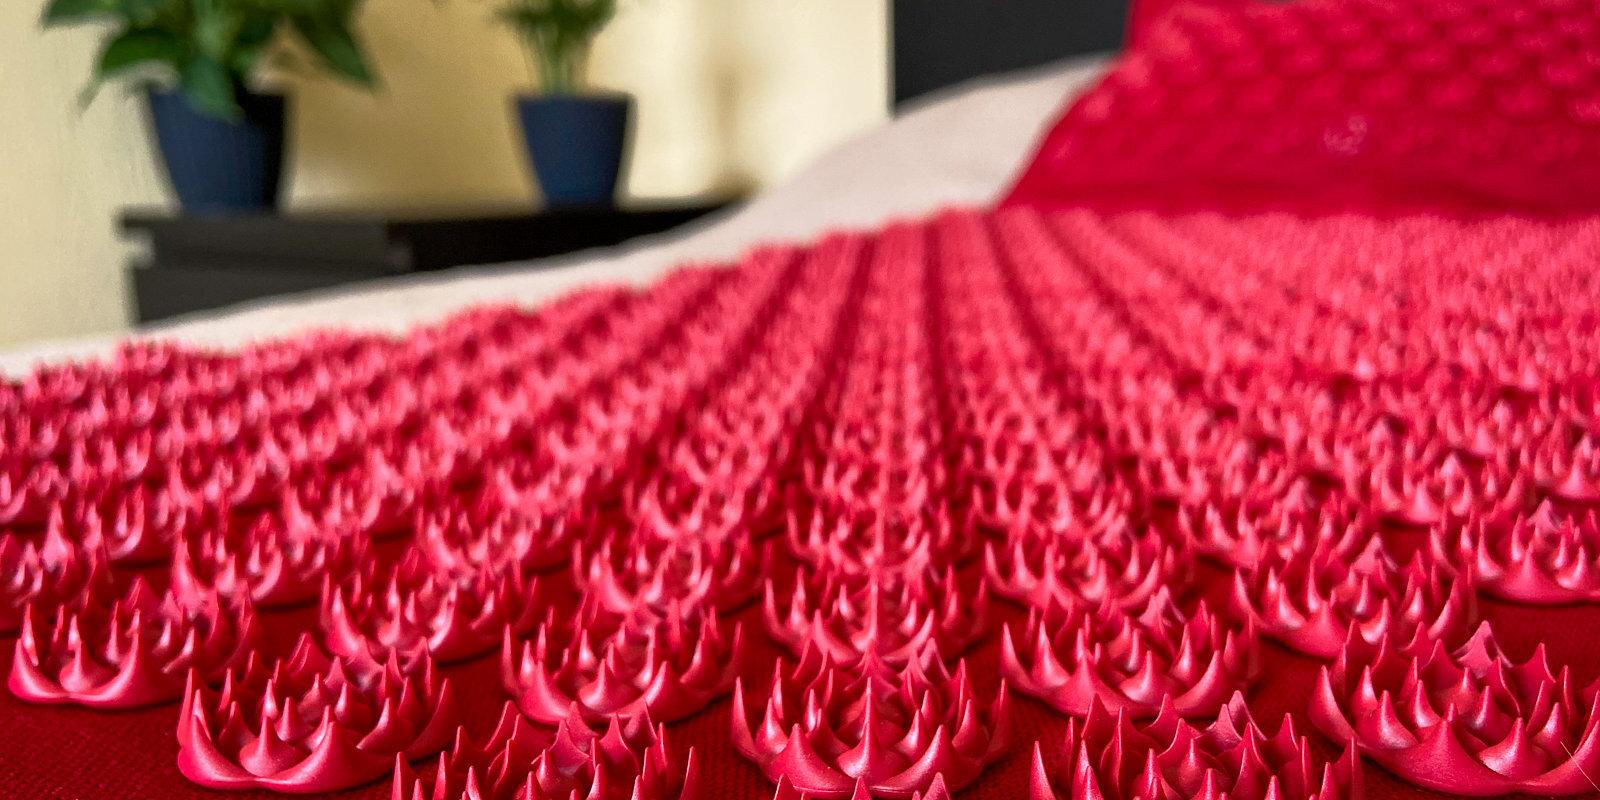 Массажные коврики Pranamat: маркетинговый ход или ключ к хорошему самочувствию?